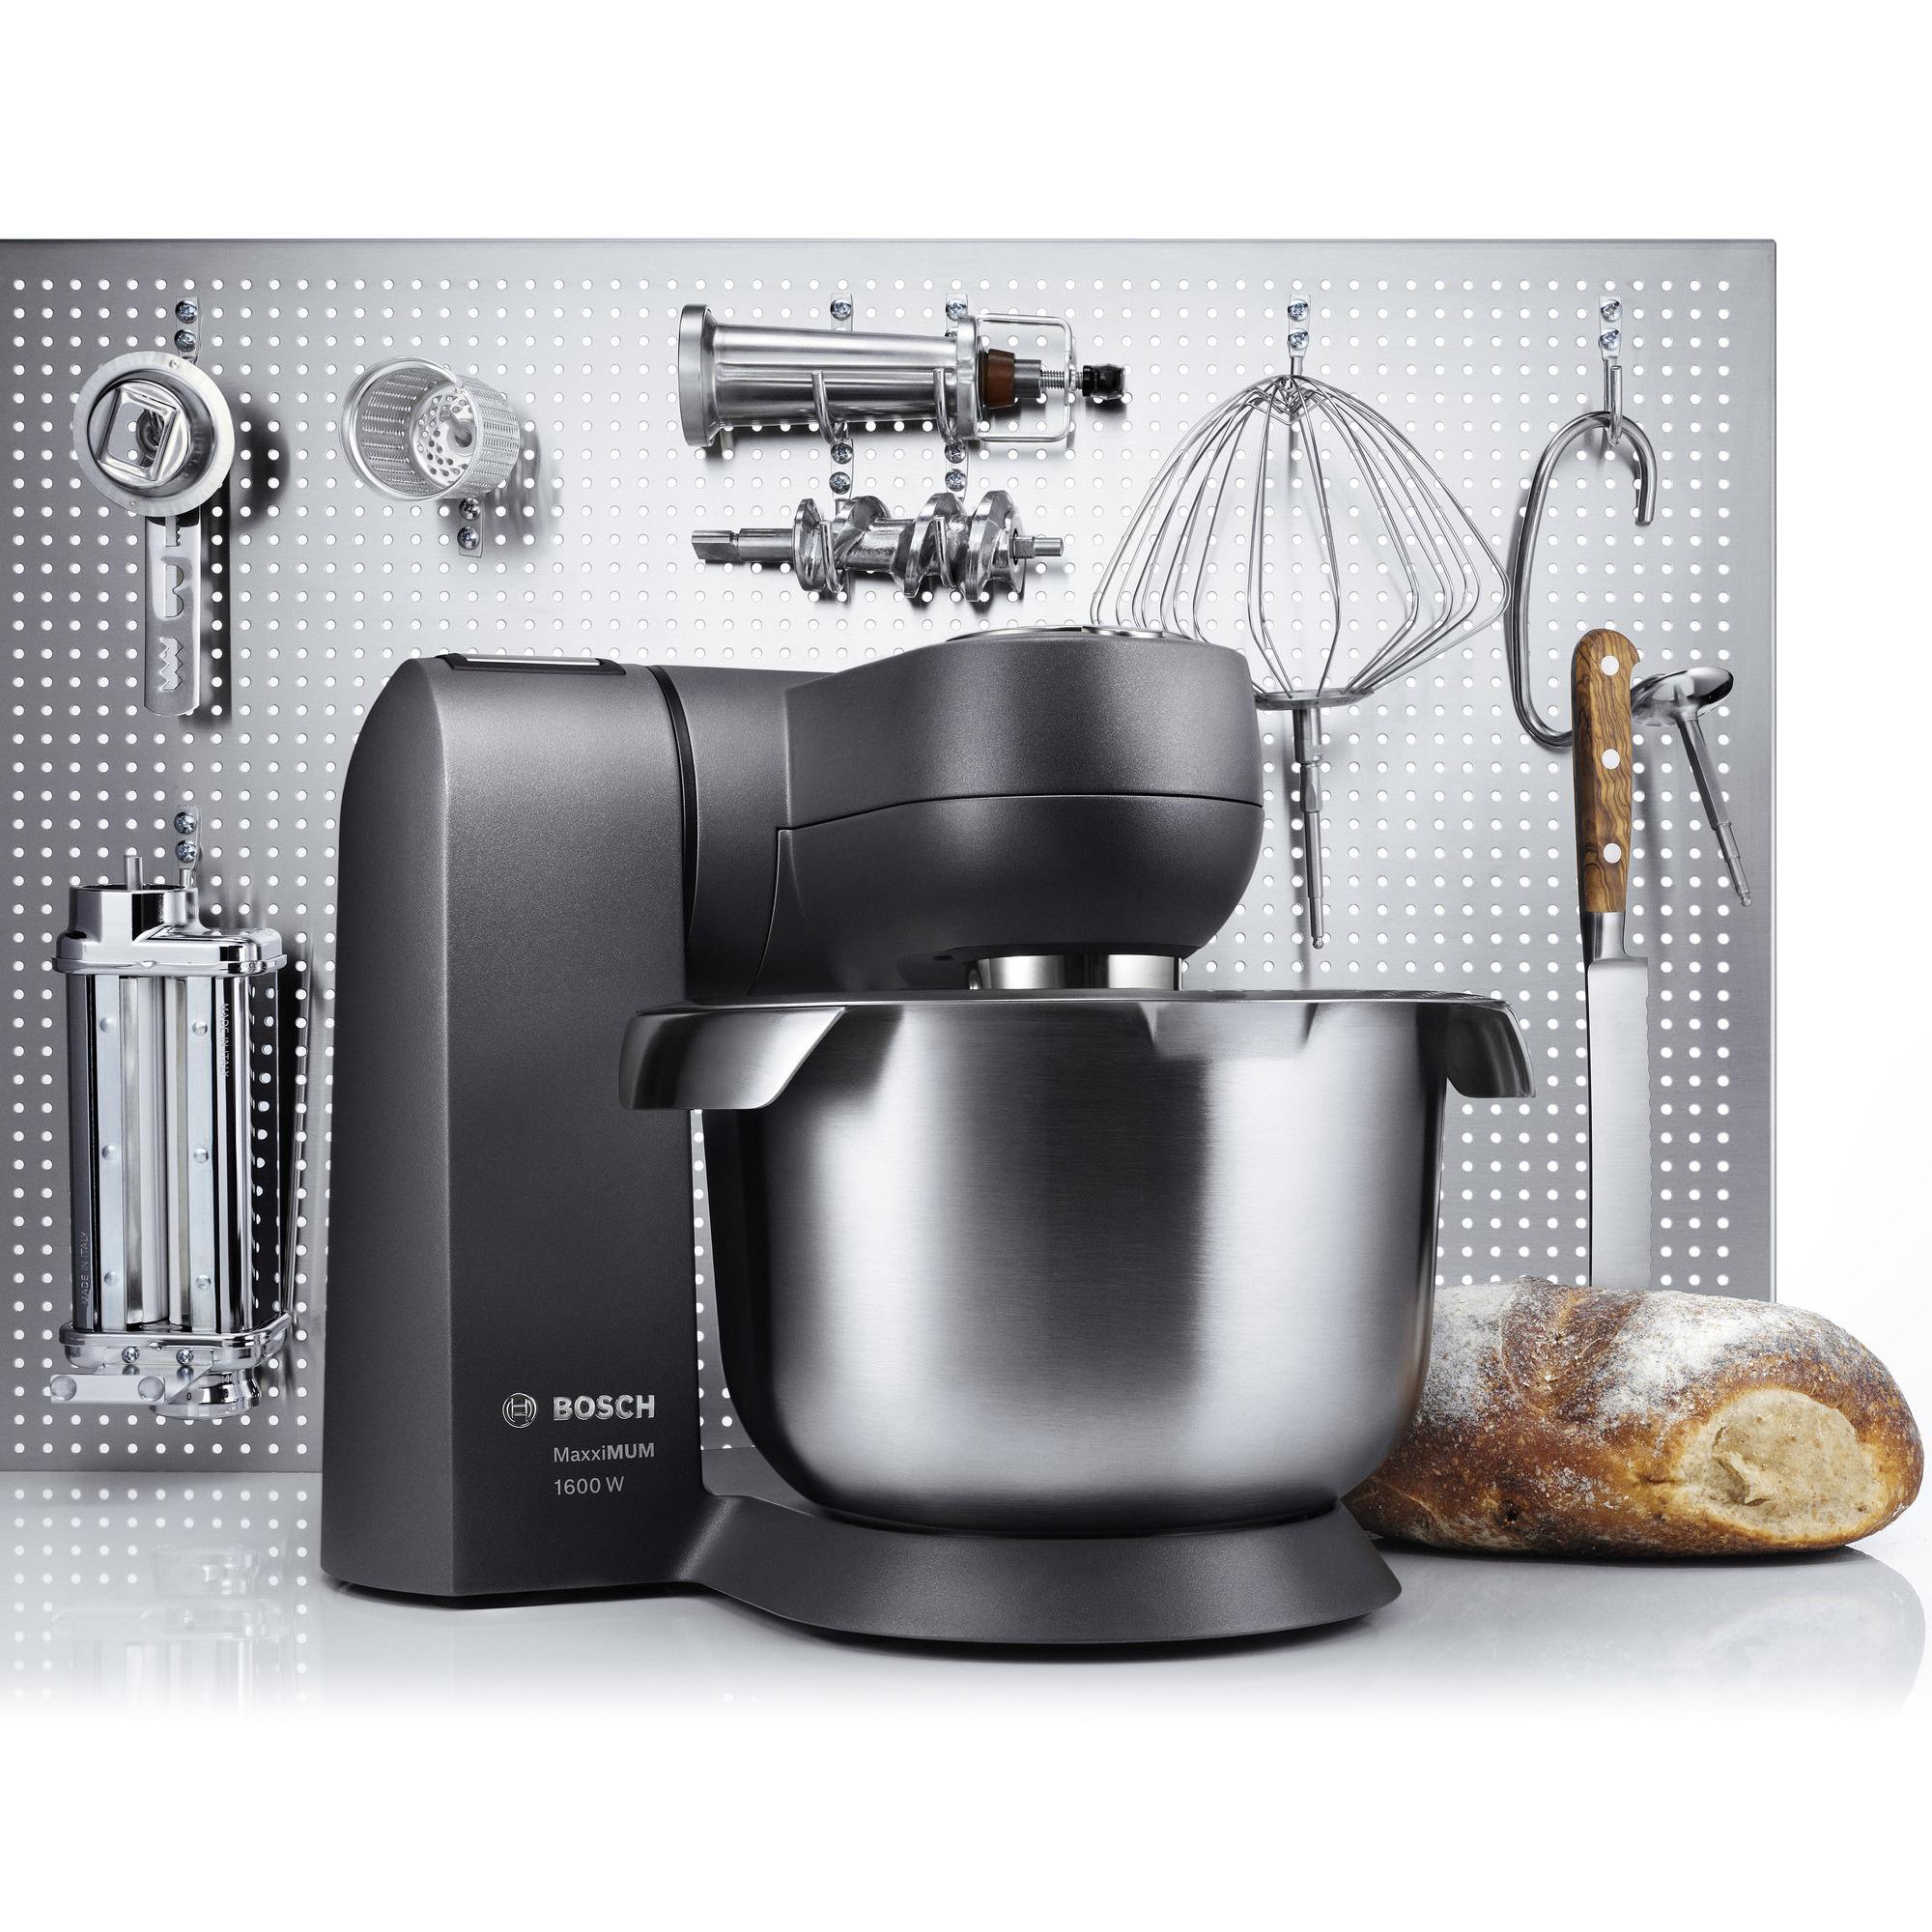 MUMXL40G køkkenmaskine fra Bosch » Til den krævende hjemme-kok